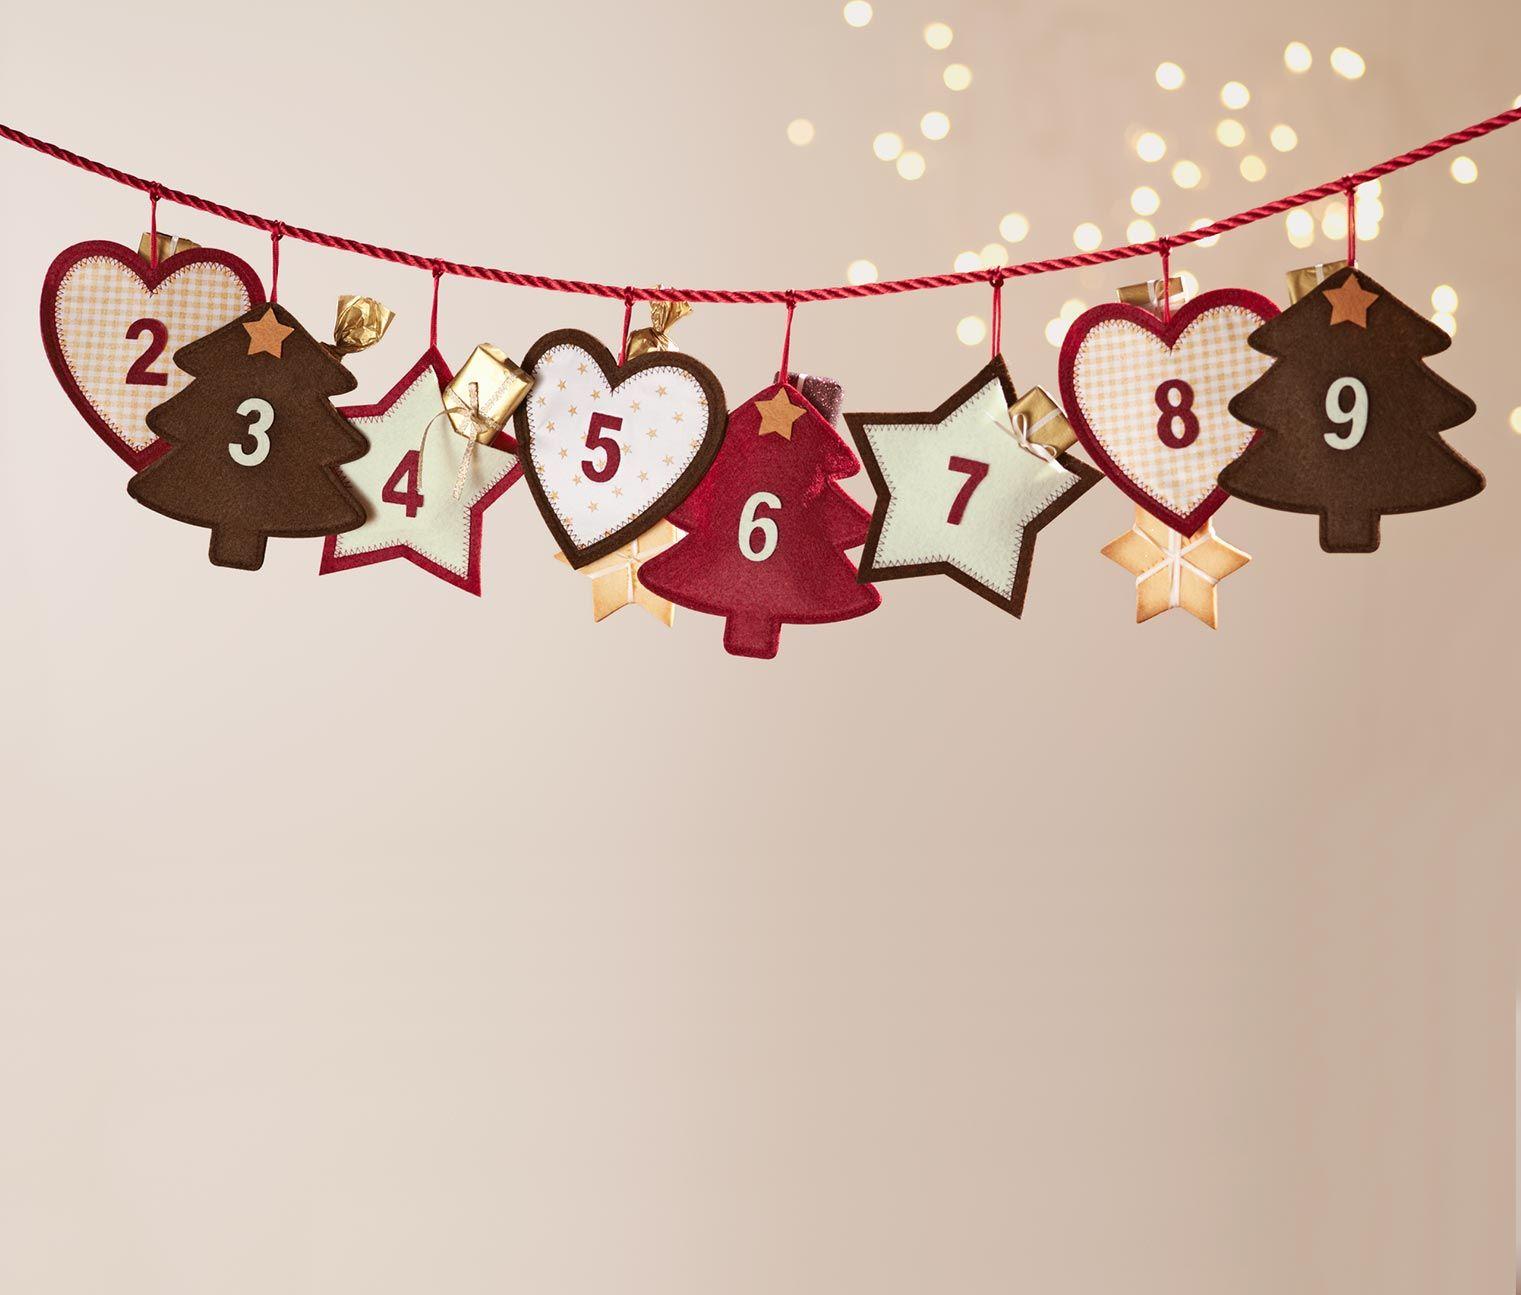 adventni kalendar tchibo Adventní kalendář 287545 z e shopu Tchibo.cz | Advent | Pinterest adventni kalendar tchibo